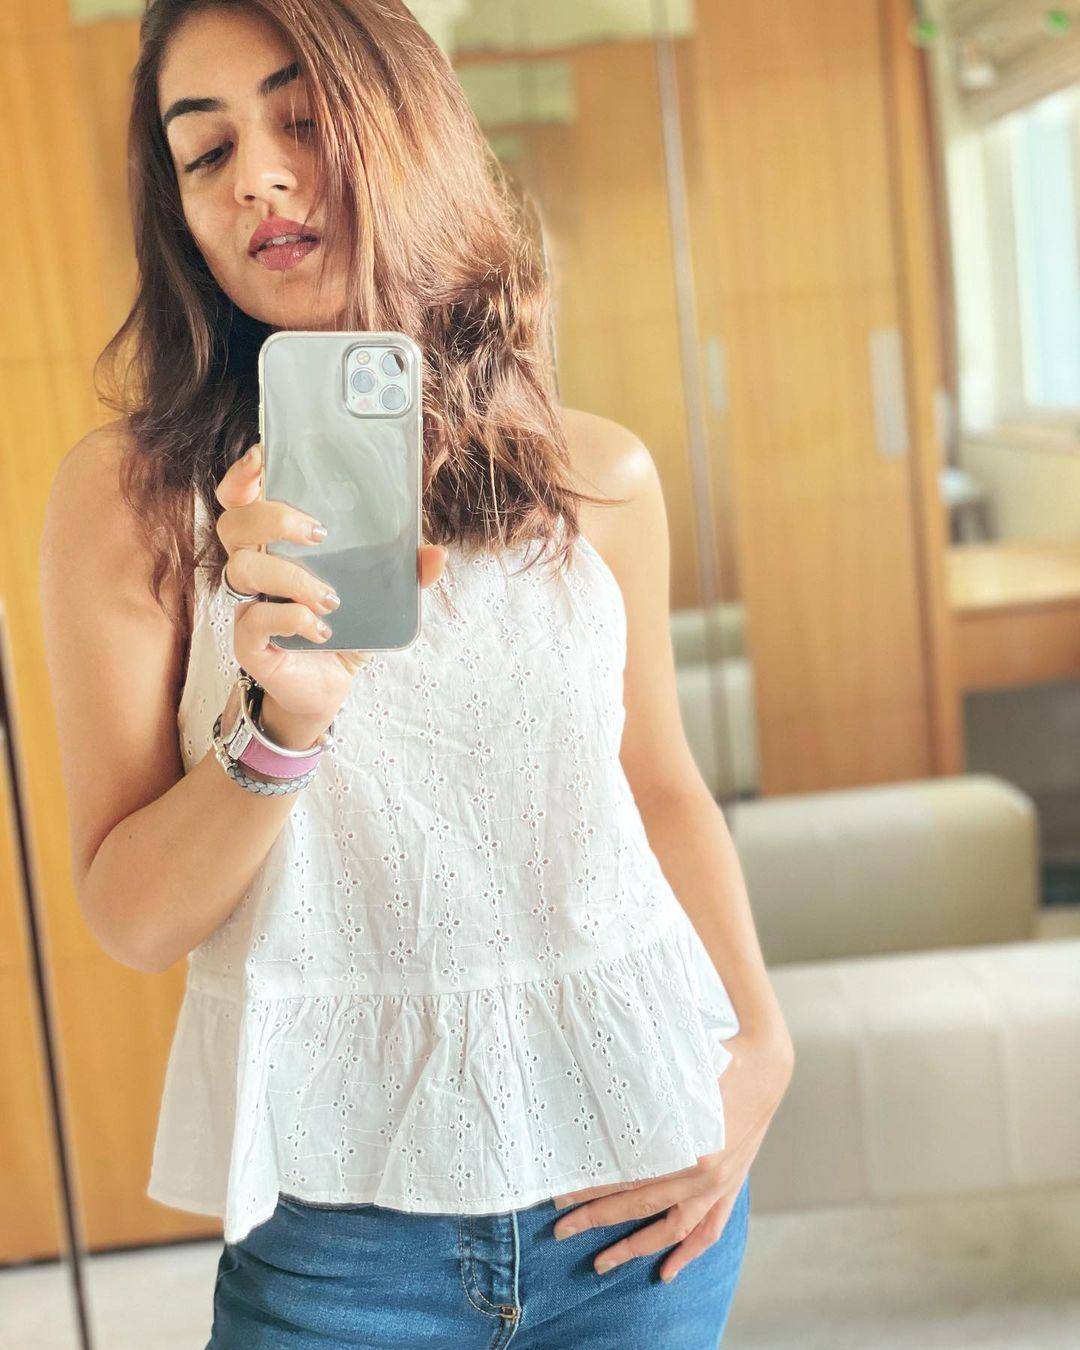 நடிகை நஸ்ரியா நசீம் ( Image :Instagram @nazriyafahadh)